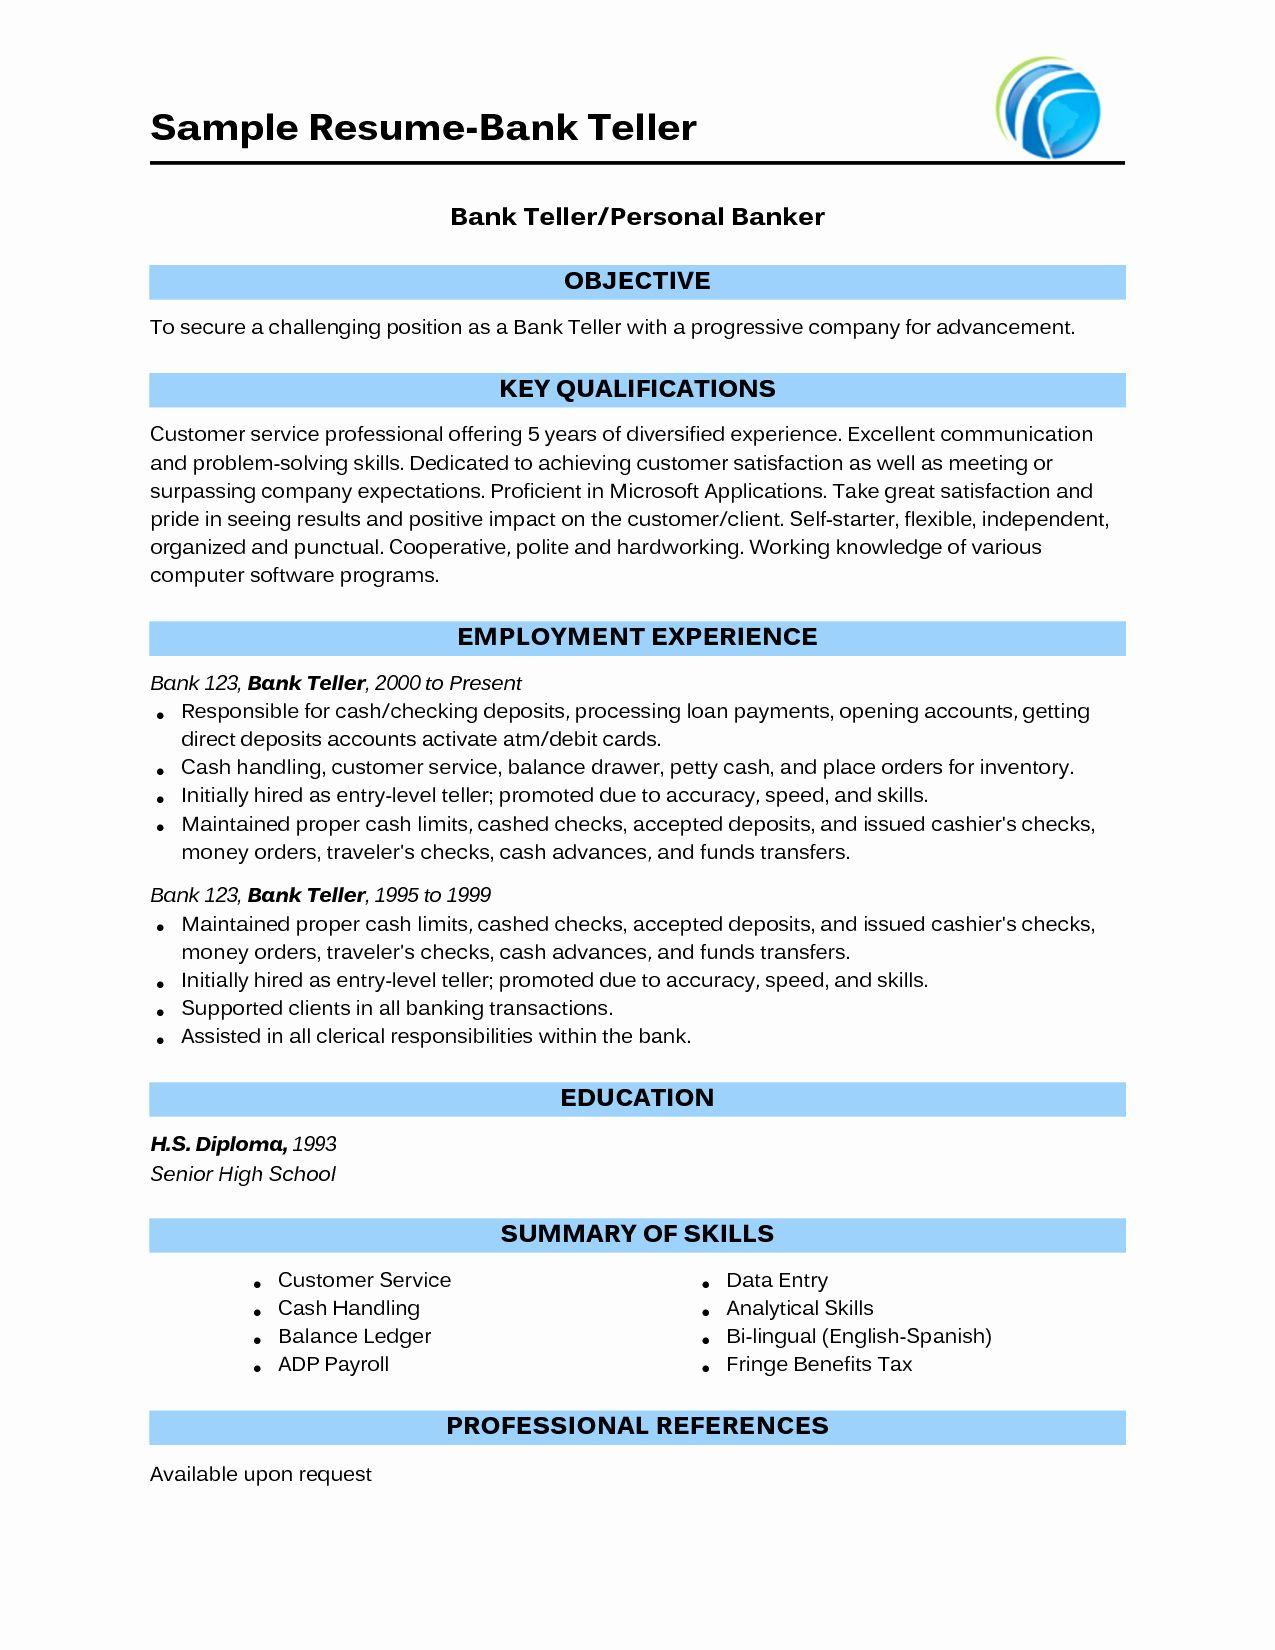 Entry Level Bank Teller Resume Fresh Sample Bank Teller Resume With No Experience Bank Teller Resume Resume Skills Resume Examples